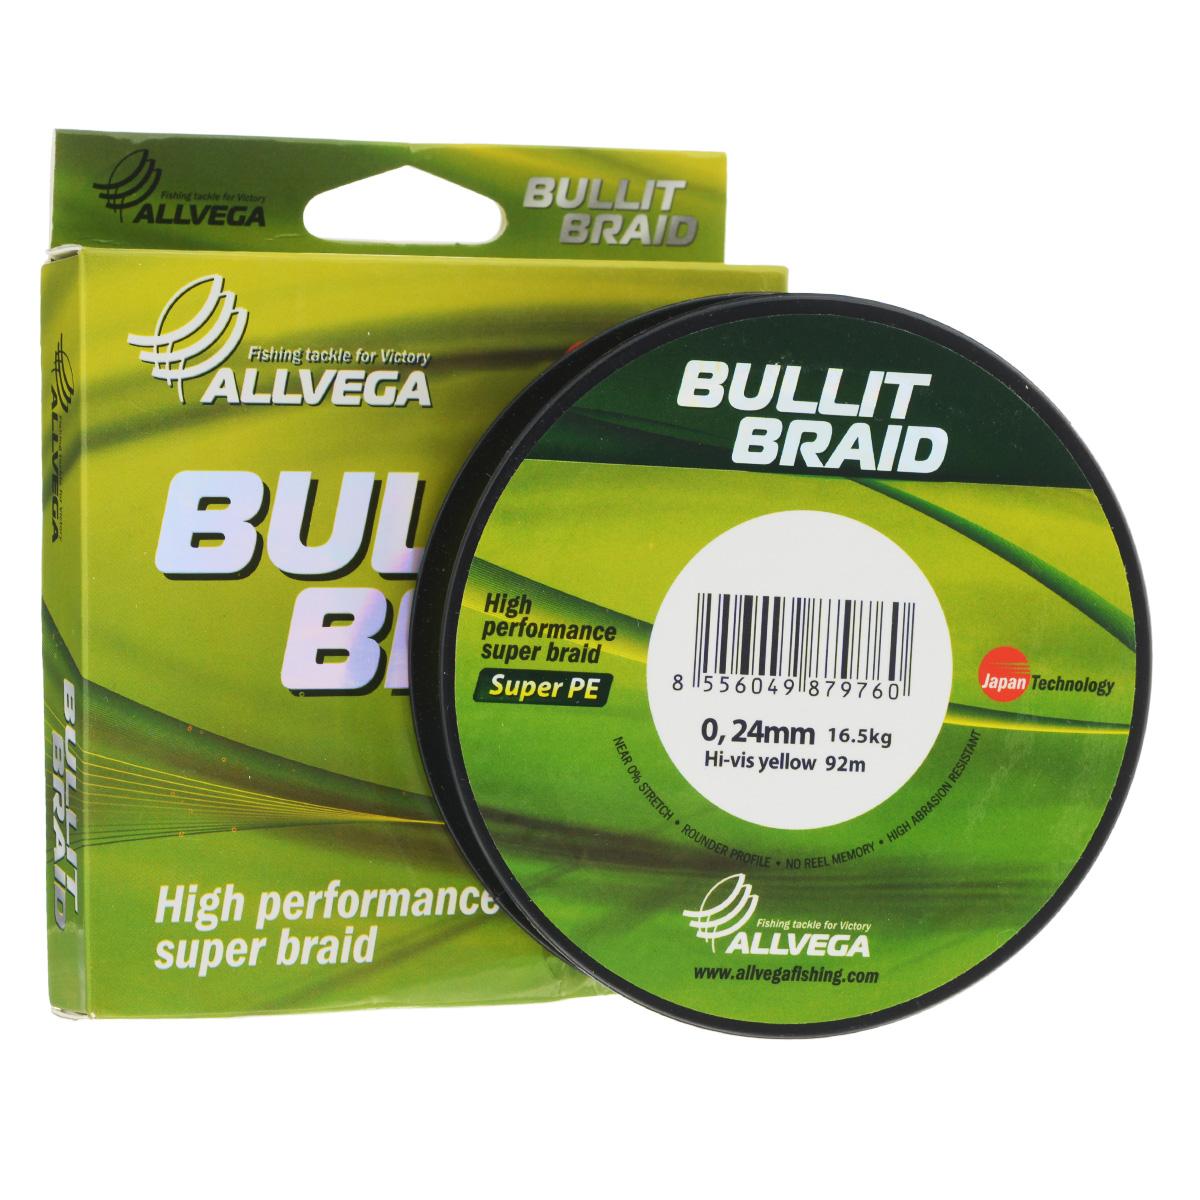 Леска плетеная Allvega Bullit Braid, цвет: ярко-желтый, 92 м, 0,24 мм, 16,5 кг21435Леска Allvega Bullit Braid с гладкой поверхностью и одинаковым сечением по всей длине обладает высокой износостойкостью. Благодаря микроволокнам полиэтилена (Super PE) леска имеет очень плотное плетение и не впитывает воду. Леску Allvega Bullit Braid можно применять в любых типах водоемов. Особенности: повышенная износостойкость; высокая чувствительность - коэффициент растяжения близок к нулю; отсутствует память; идеально гладкая поверхность позволяет увеличить дальность забросов; высокая прочность шнура на узлах.